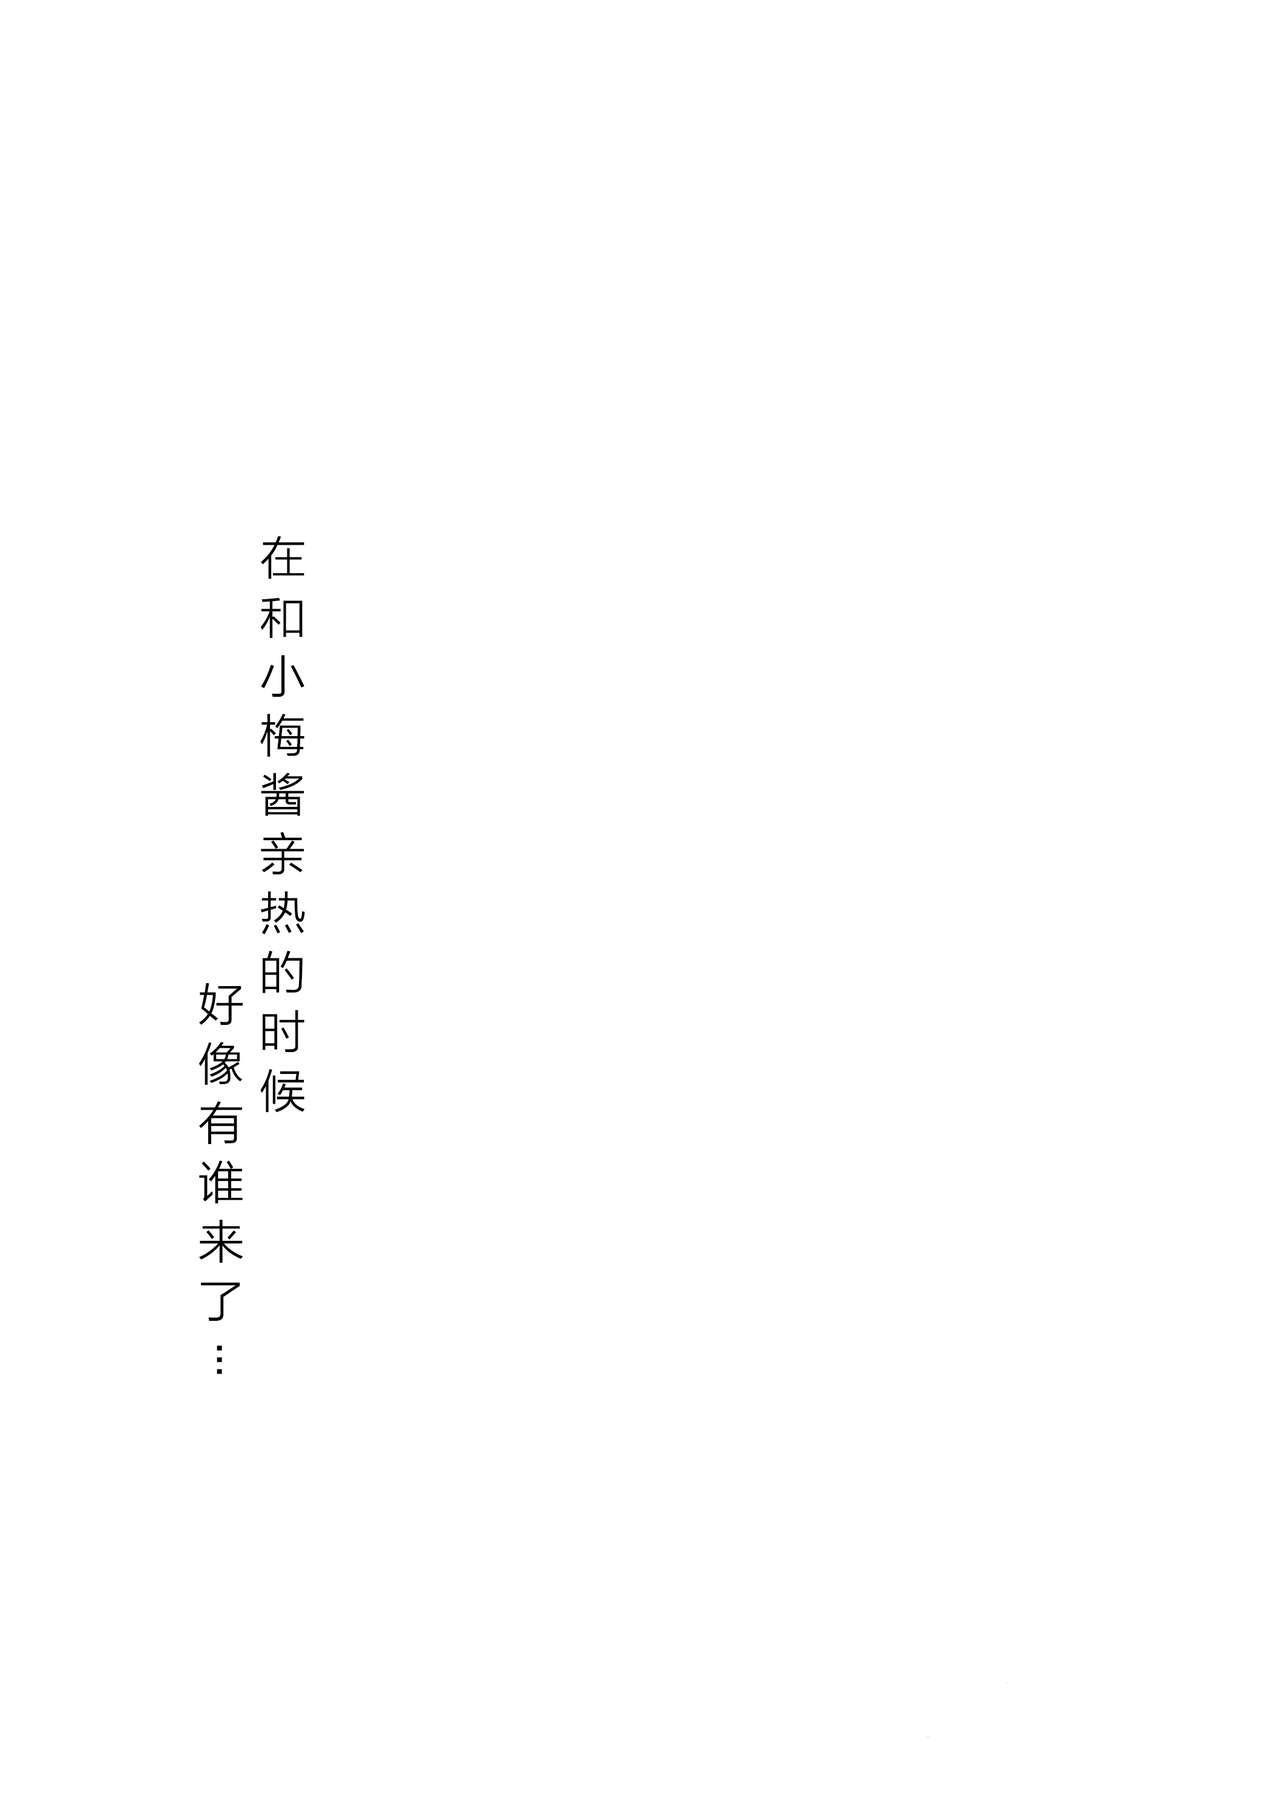 Koume-chan to Anoko to Nagasaresex 2